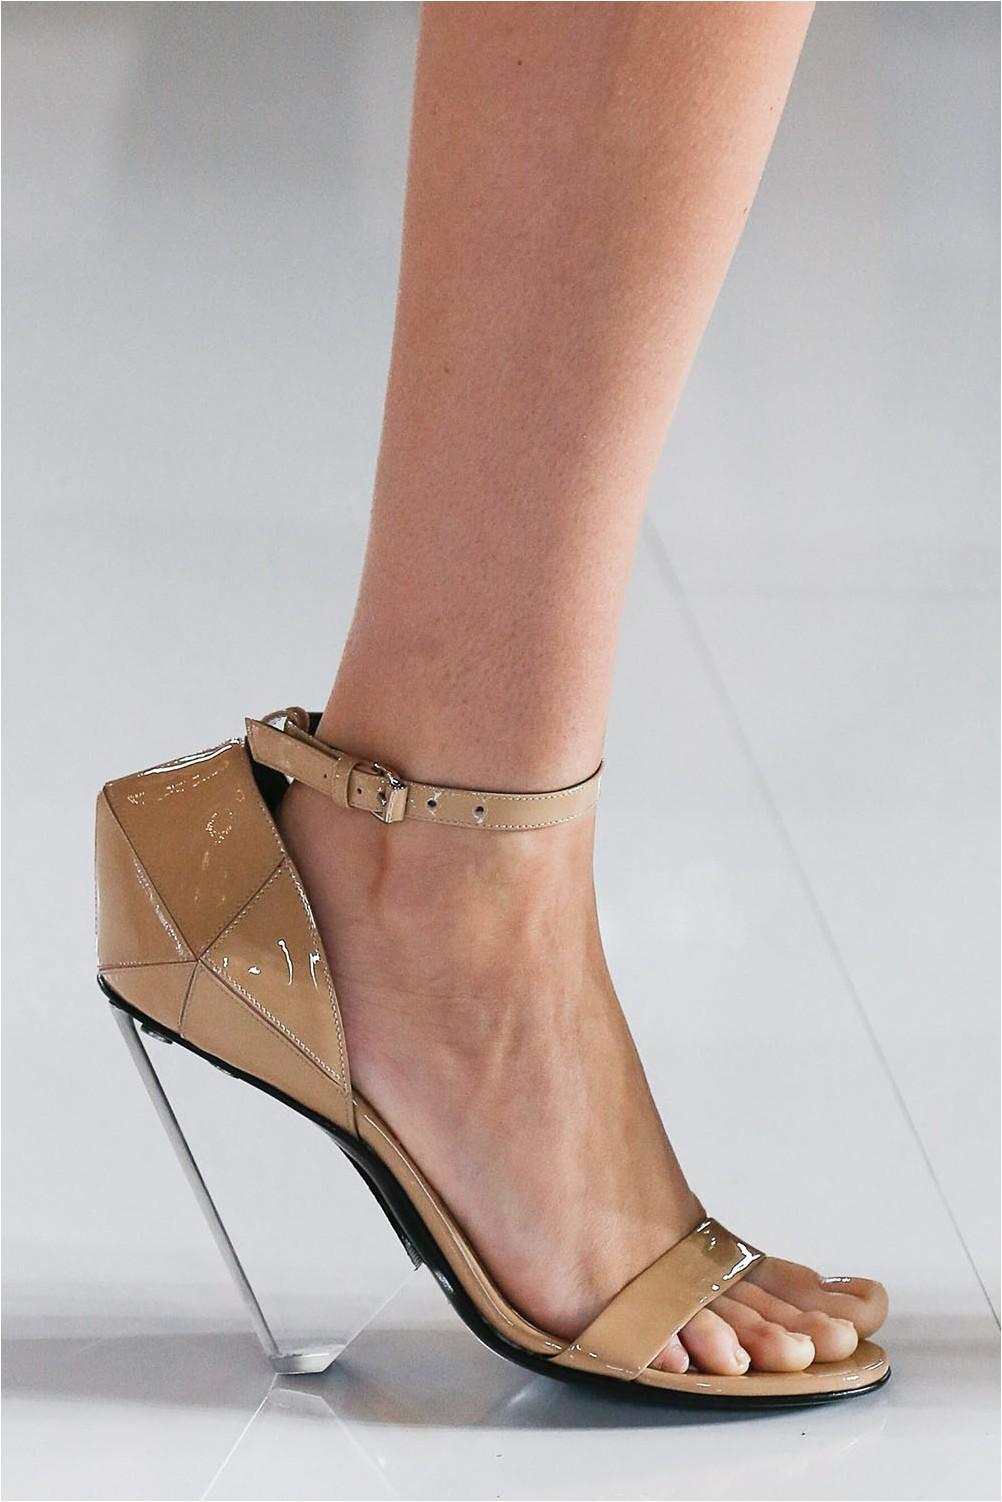 See-through shoes Balmain